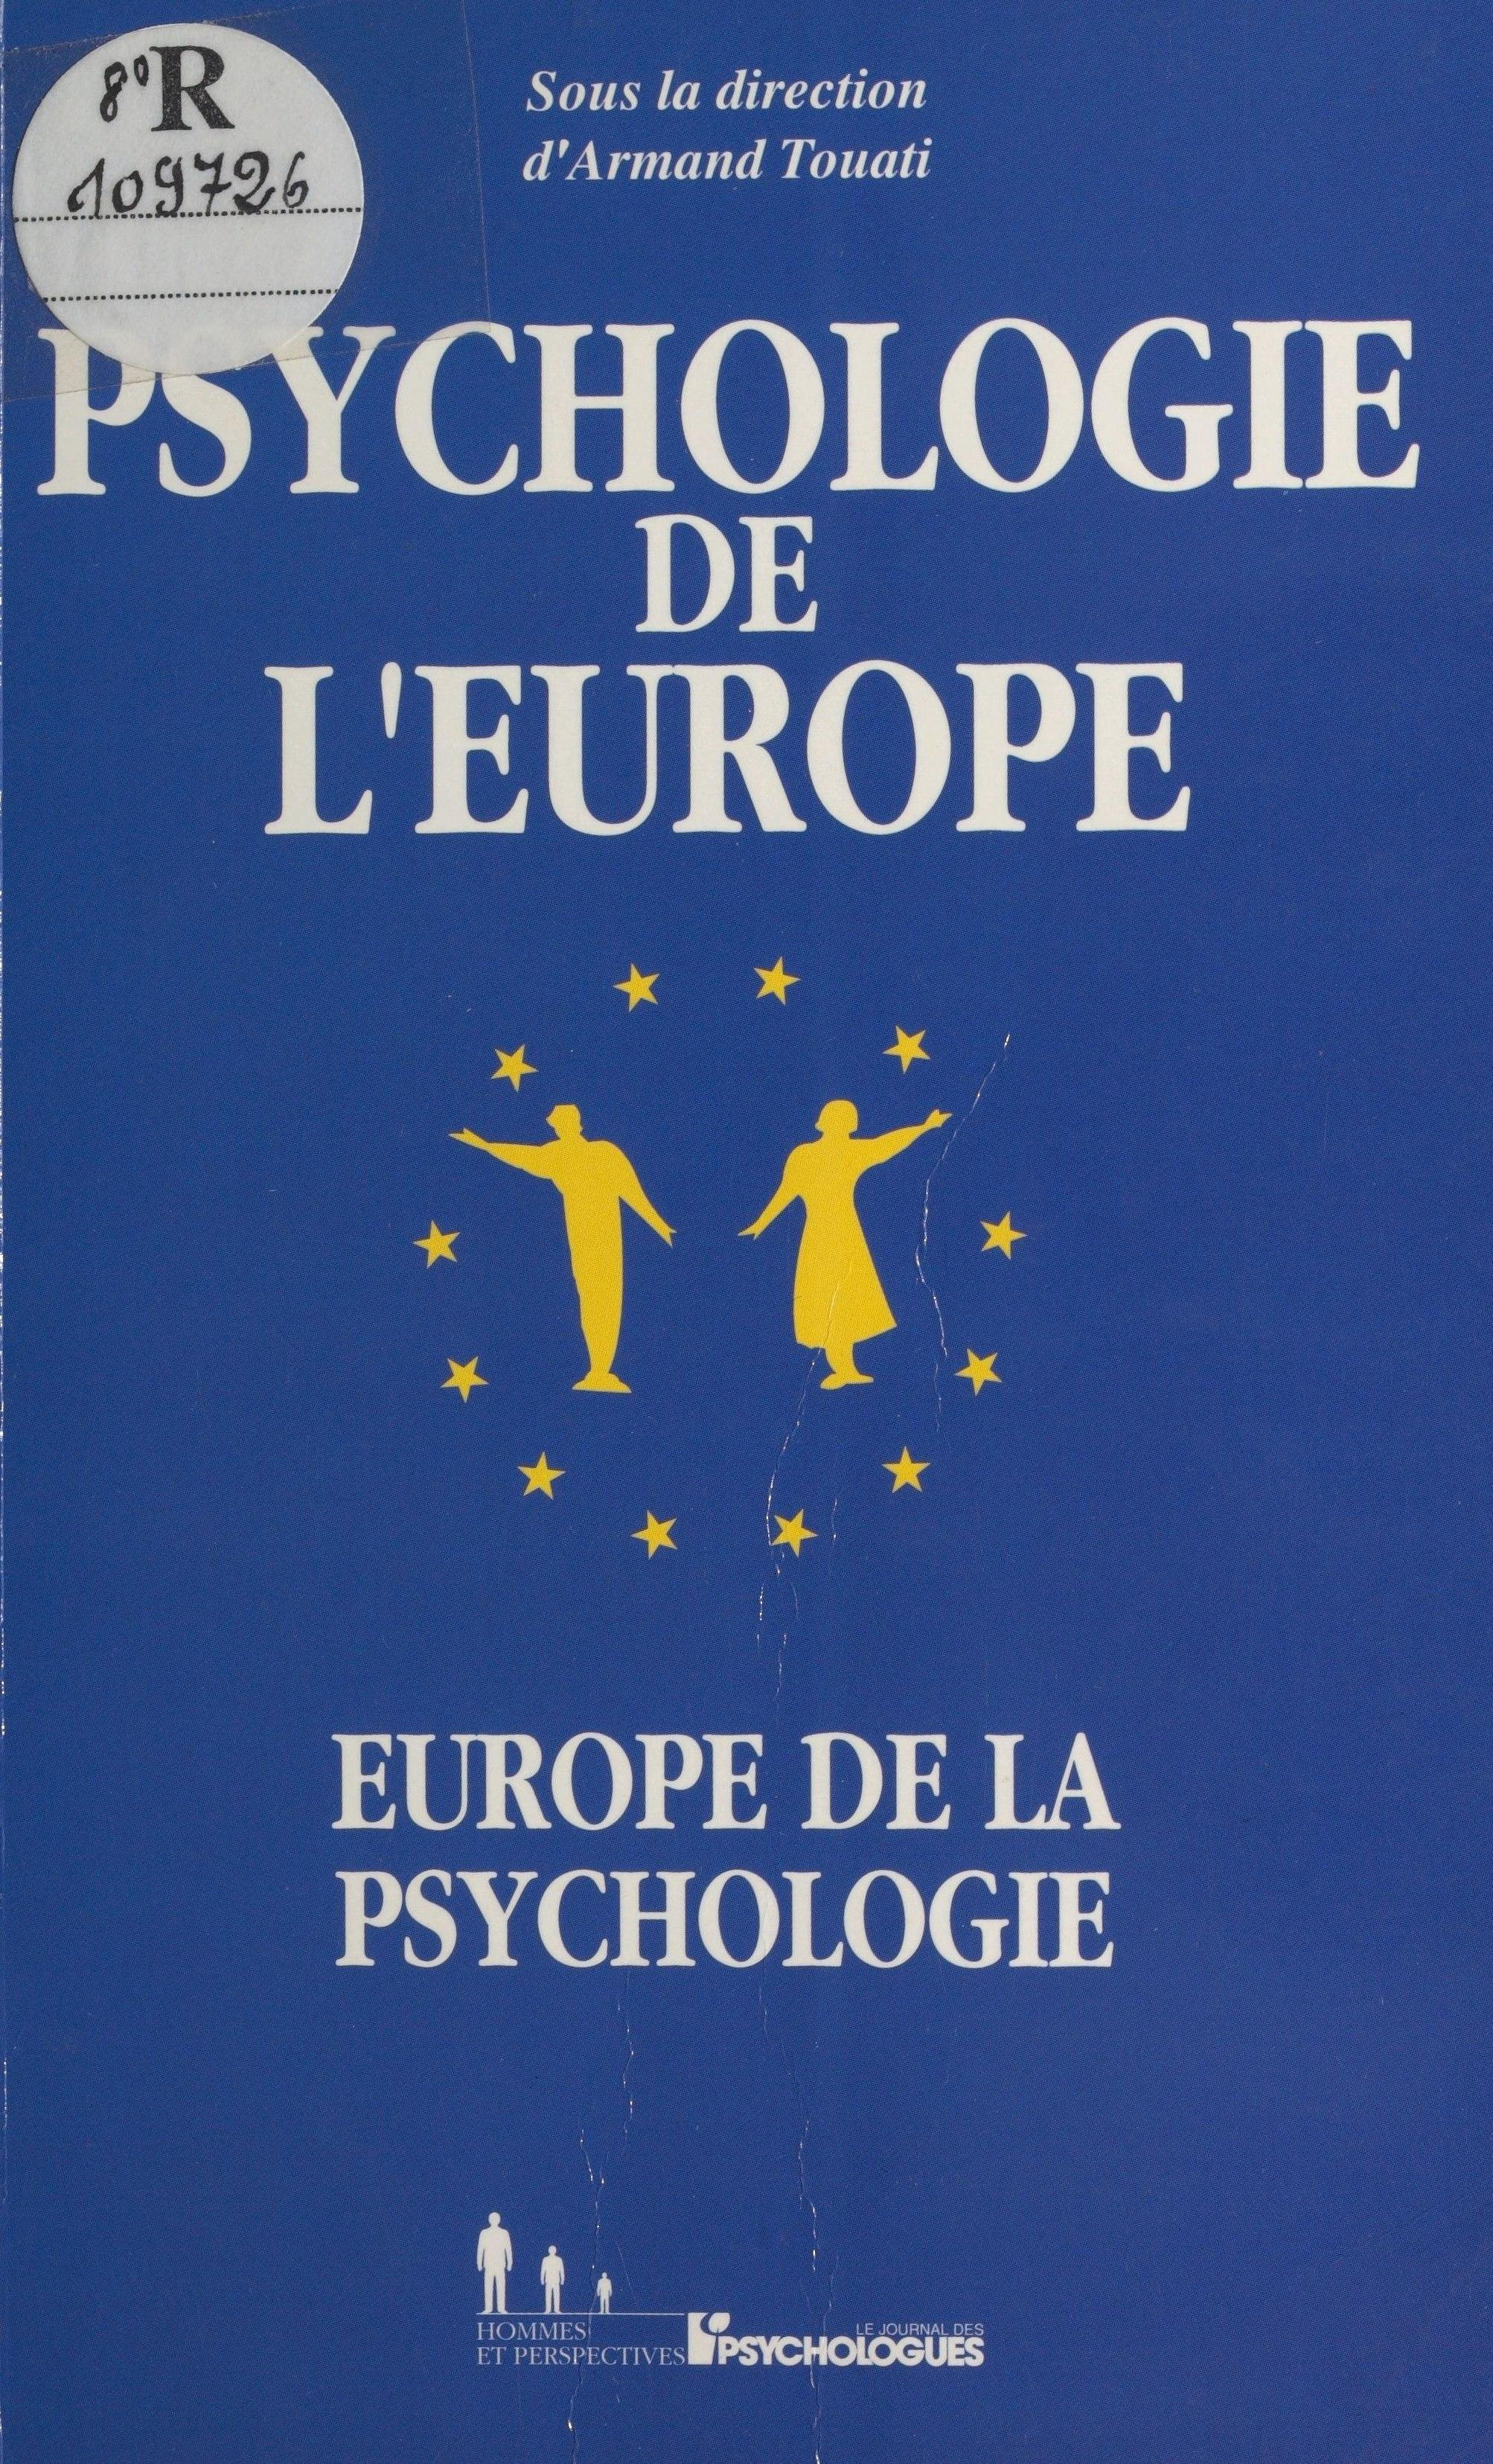 Psychologie de l'Europe, Europe de la psychologie